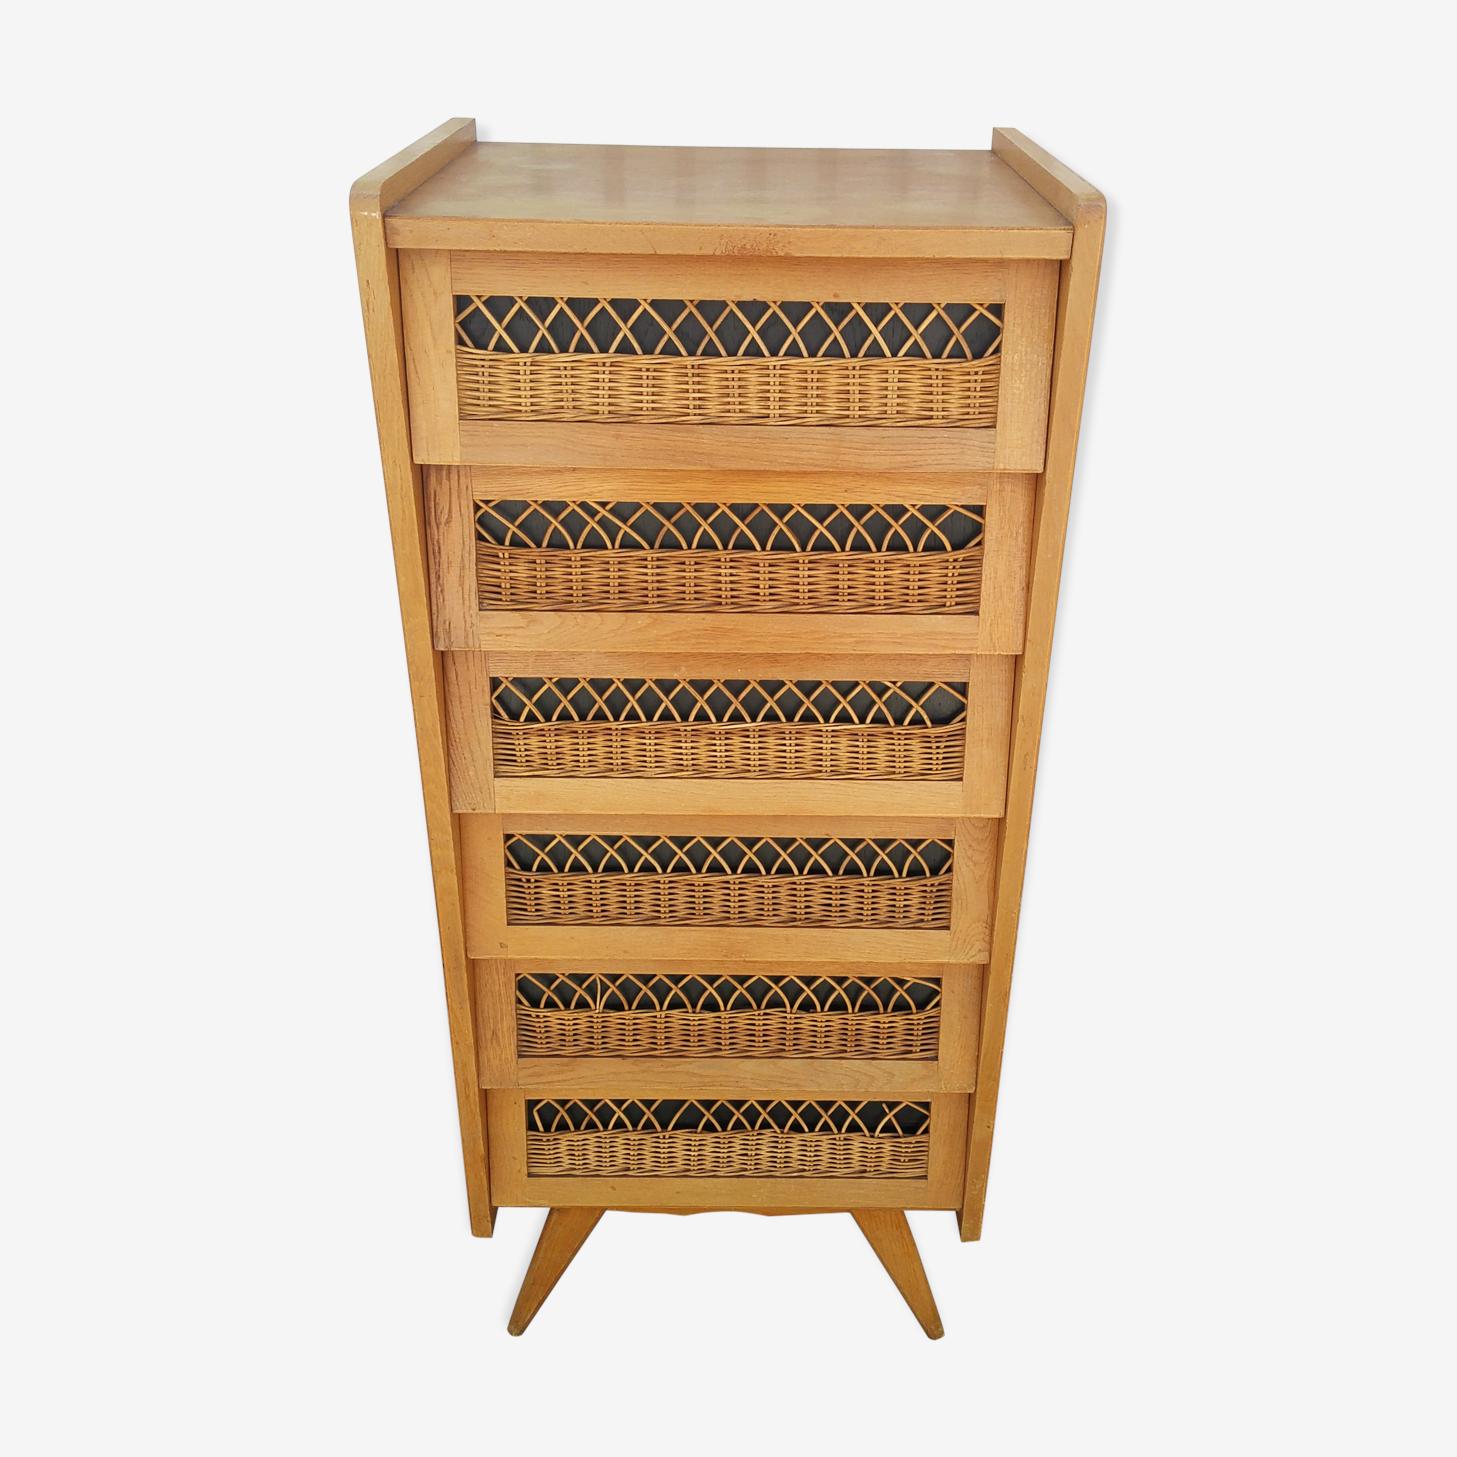 Dresser in oak and wicker